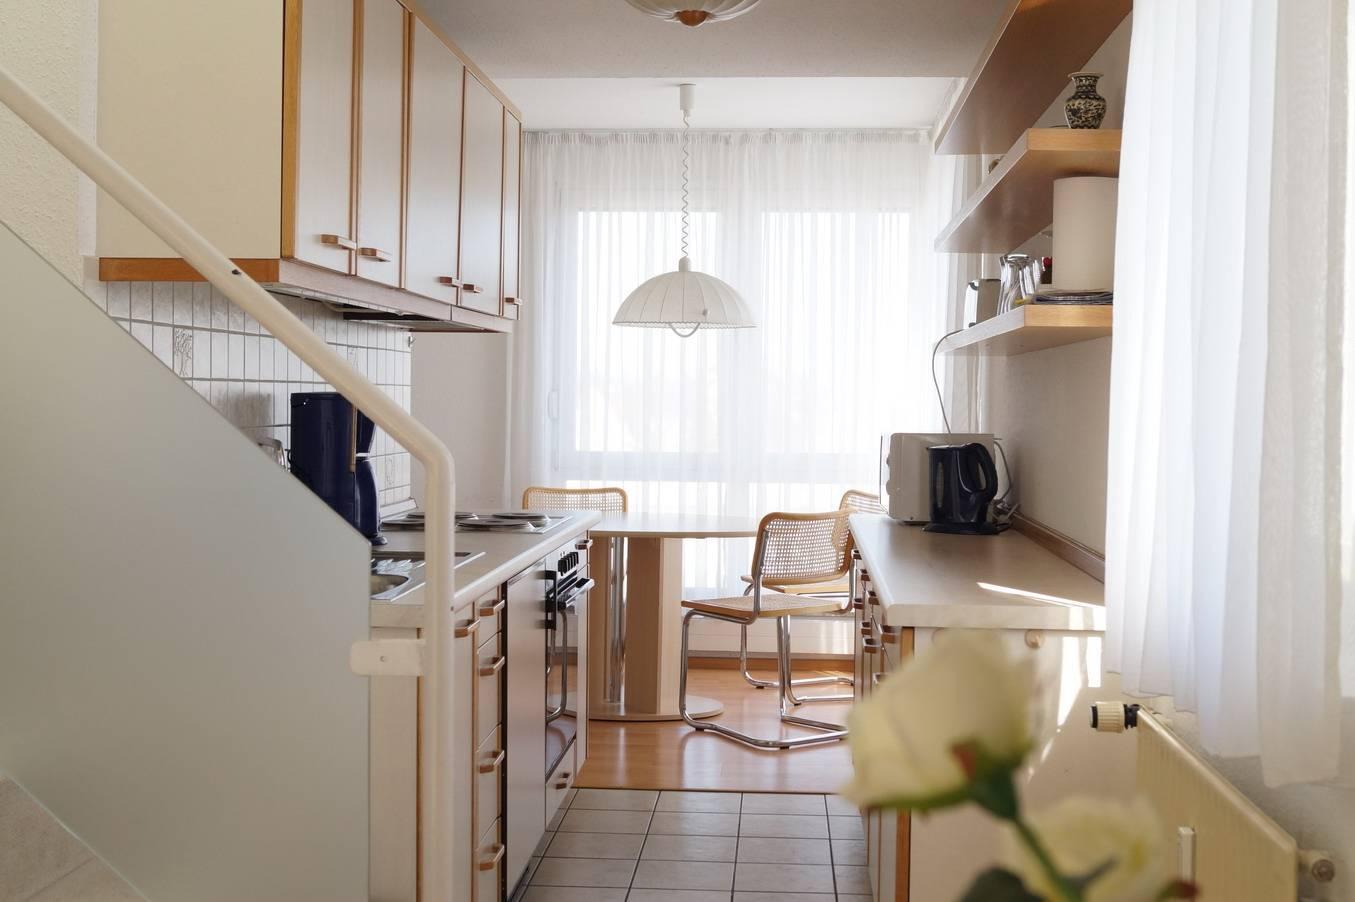 haus am bodensee in friedrichshafen. Black Bedroom Furniture Sets. Home Design Ideas